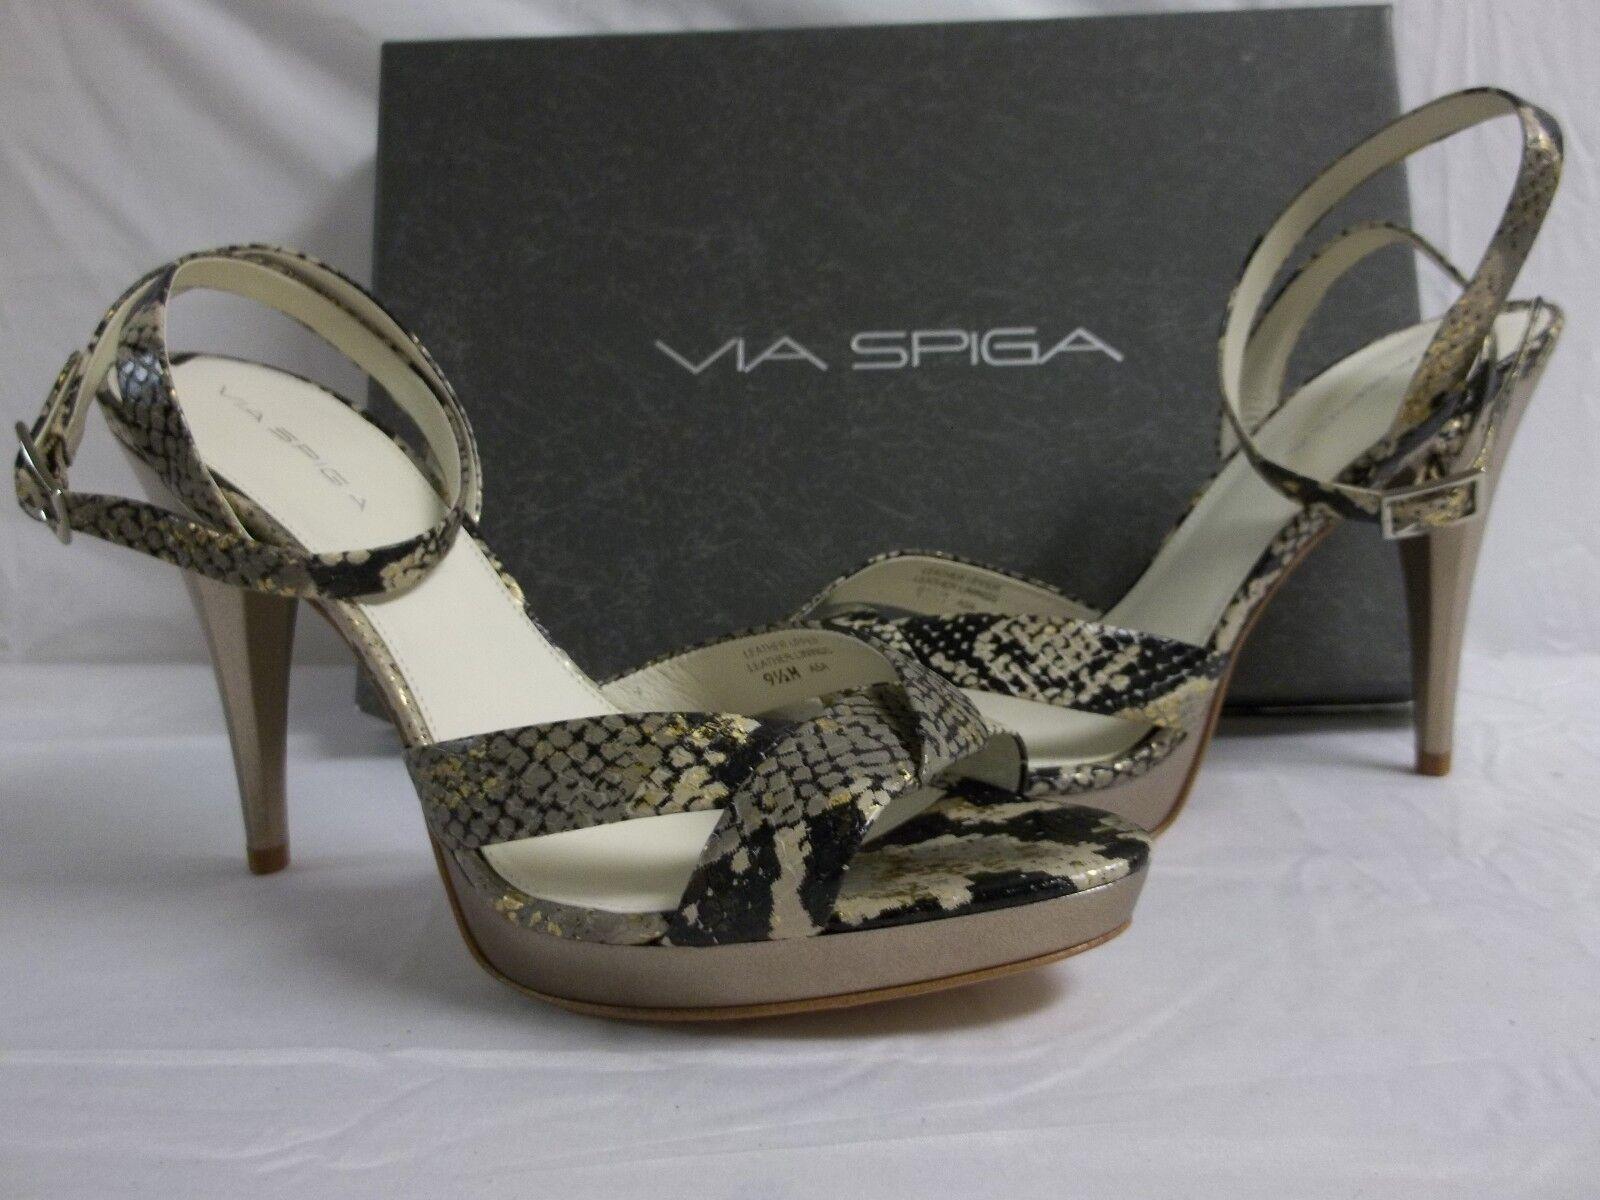 Via Spiga Spiga Spiga tamaño 9.5 M Lyra Camel Cuero De Pitón Zapatos Puntera abierta Tacones nuevo para mujer  autorización oficial